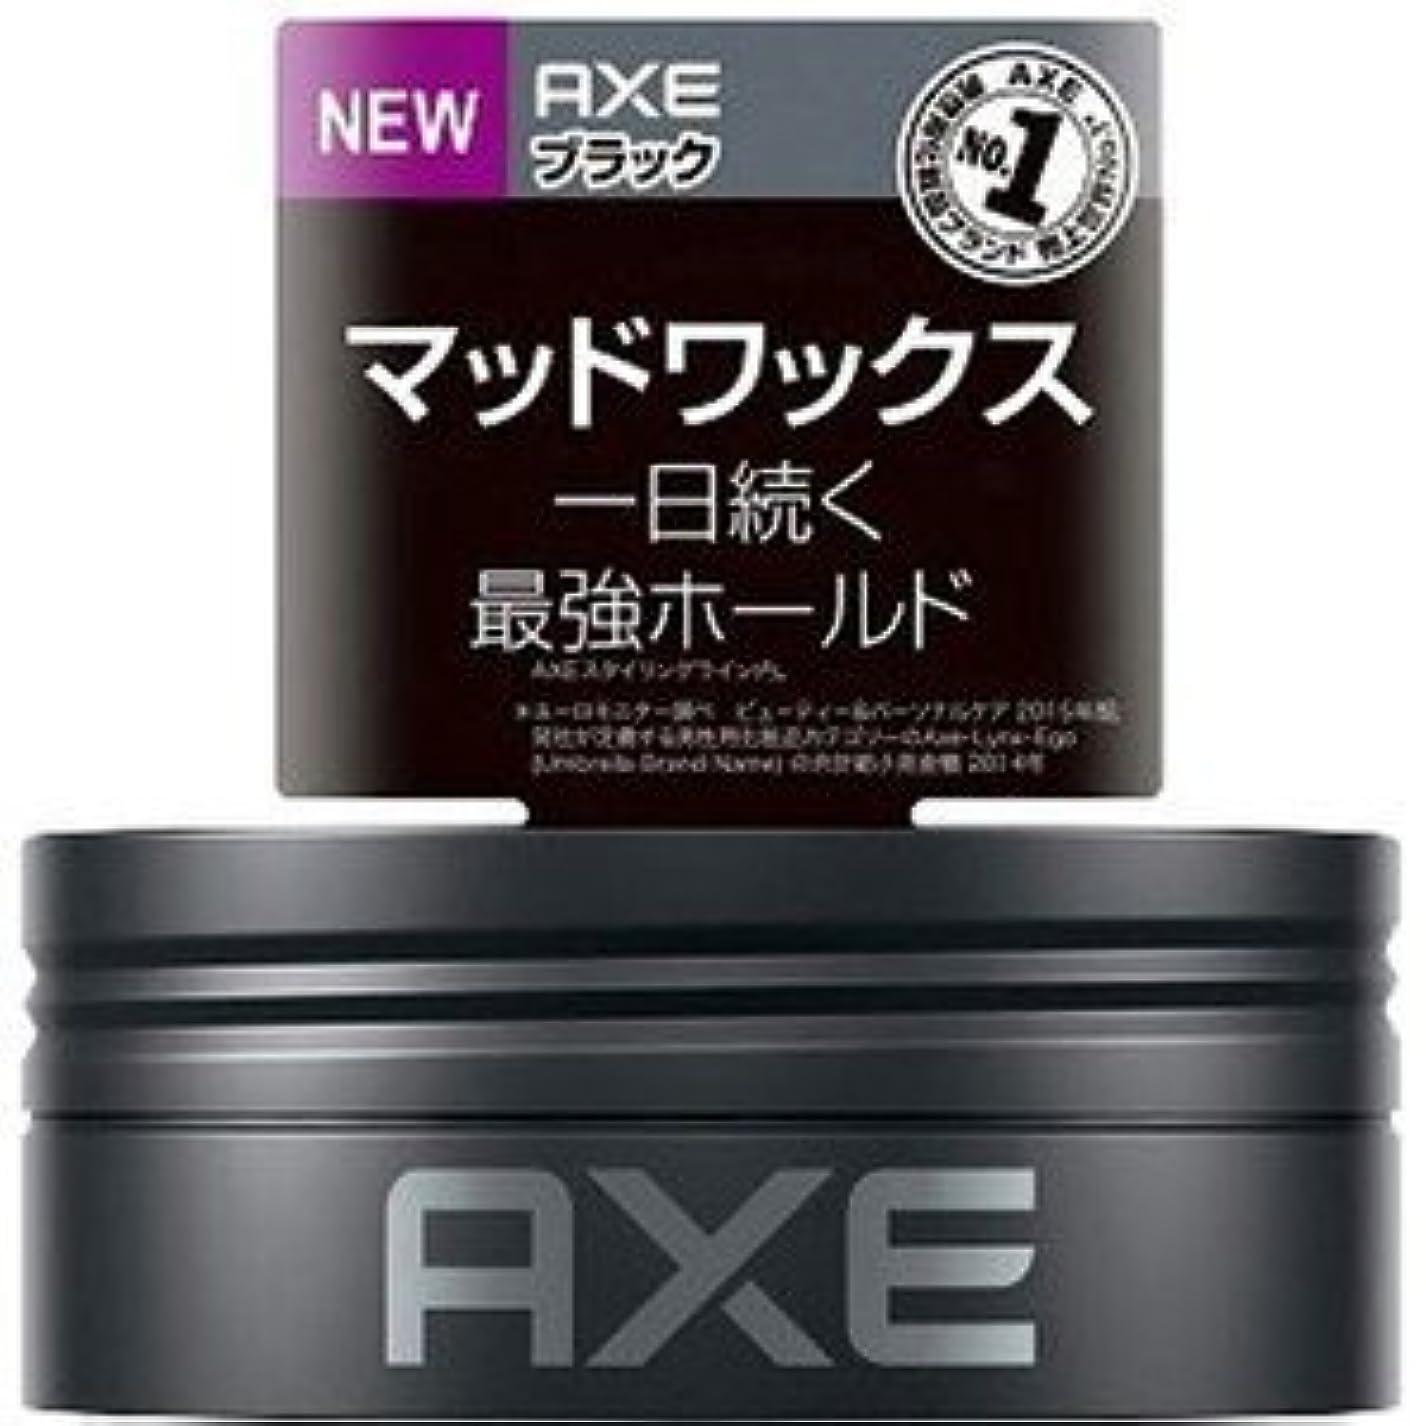 カーテンファイターピル(2016年春の新商品)(ユニリーバ)AXE(アックス) ブラック デフィニティブホールド マッドワックス 65g